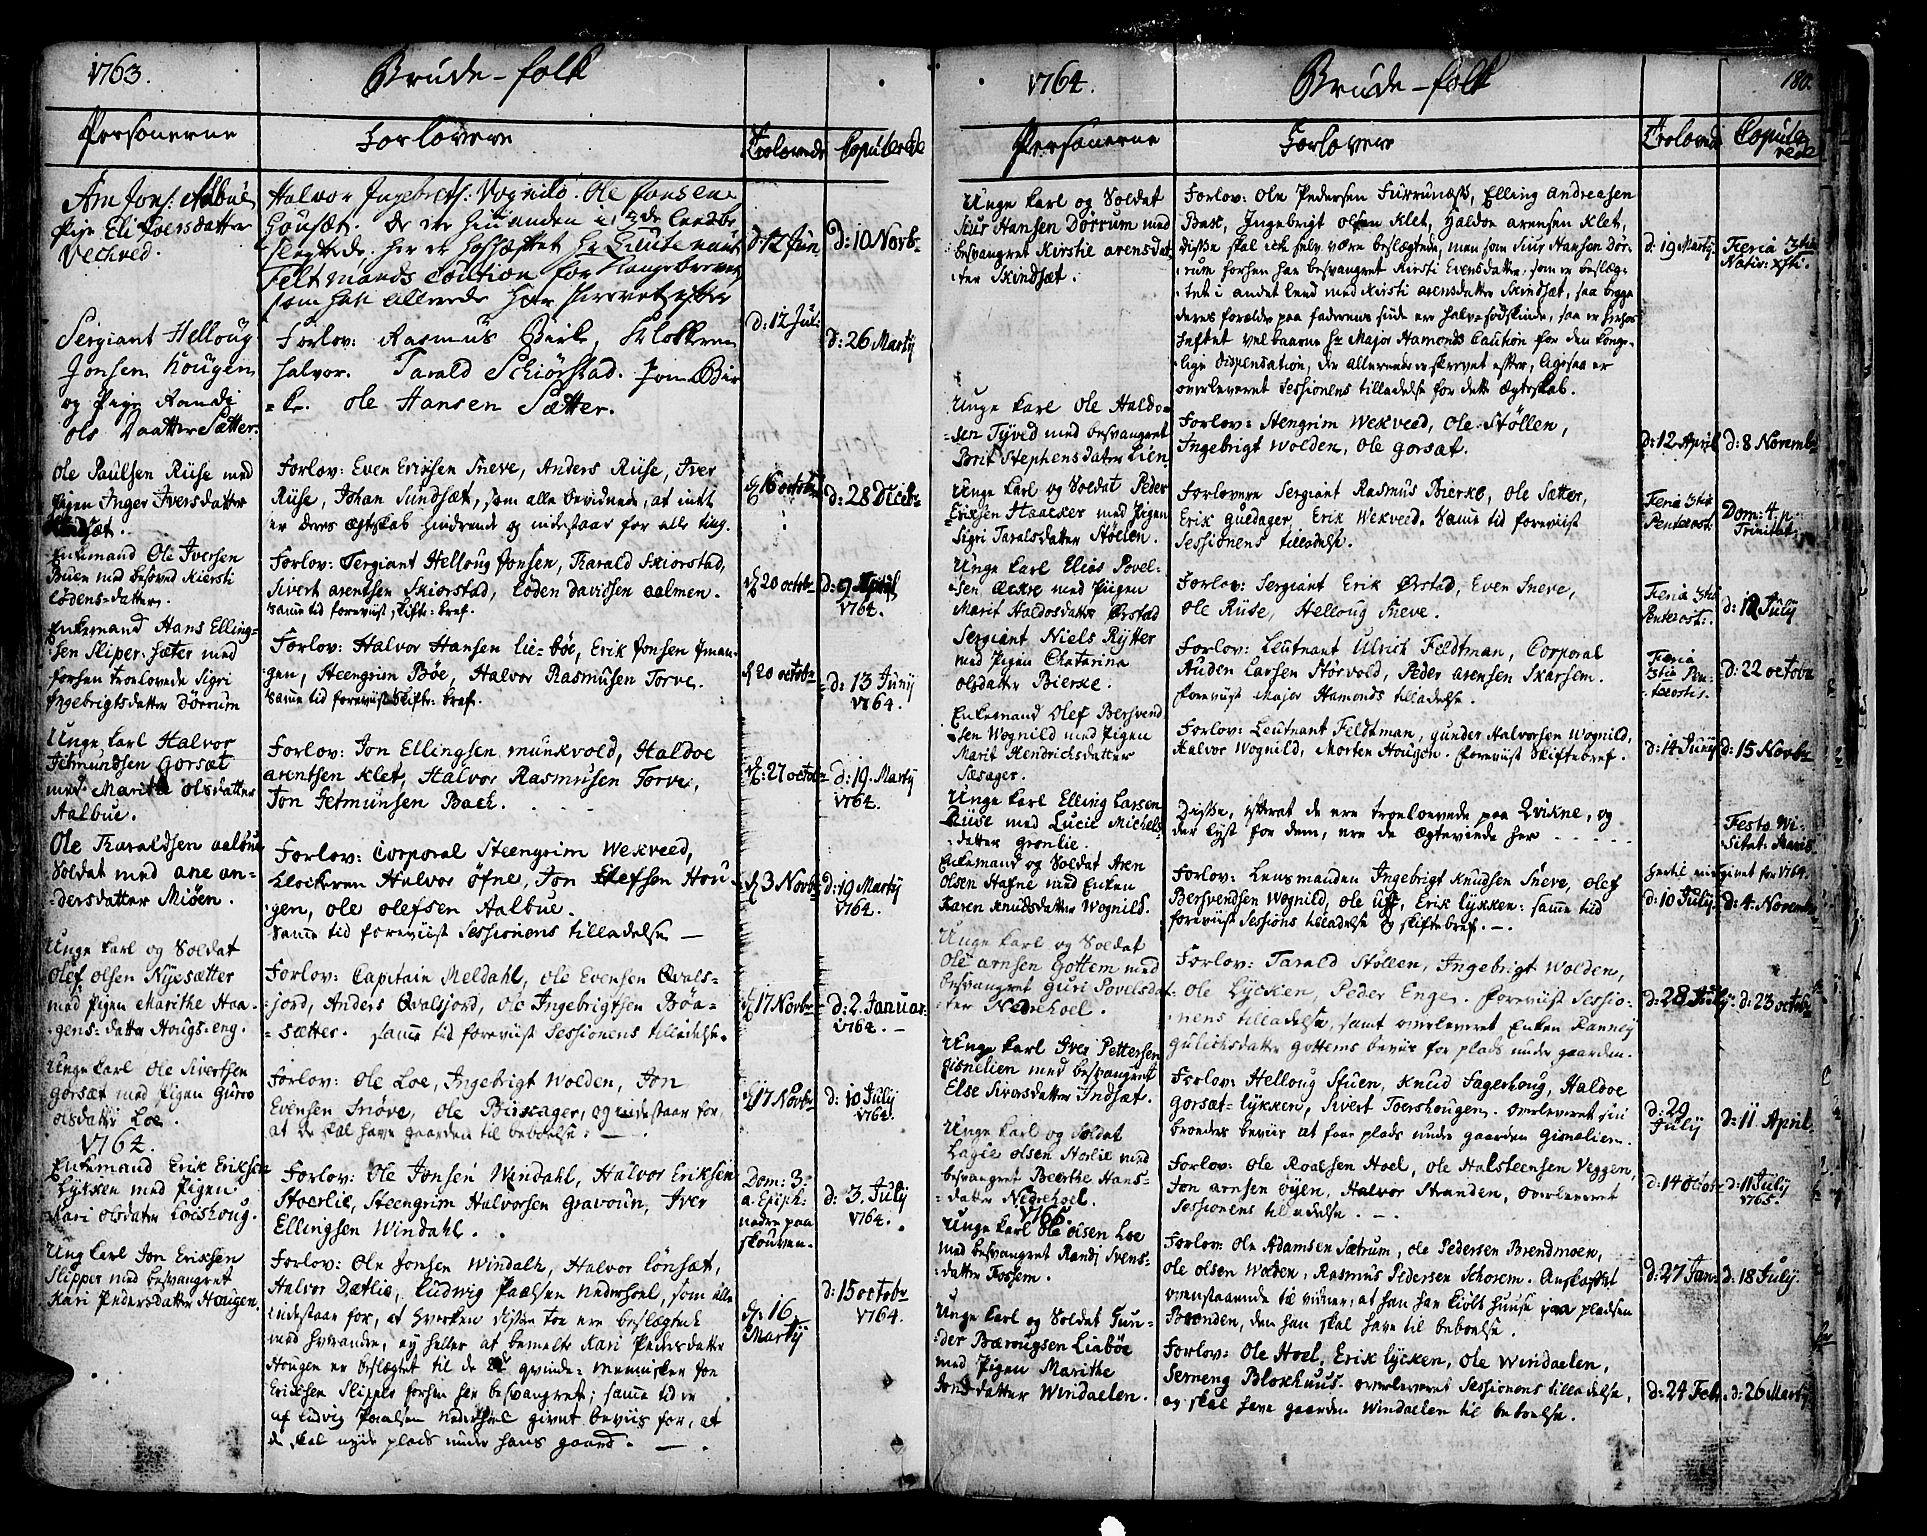 SAT, Ministerialprotokoller, klokkerbøker og fødselsregistre - Sør-Trøndelag, 678/L0891: Ministerialbok nr. 678A01, 1739-1780, s. 180